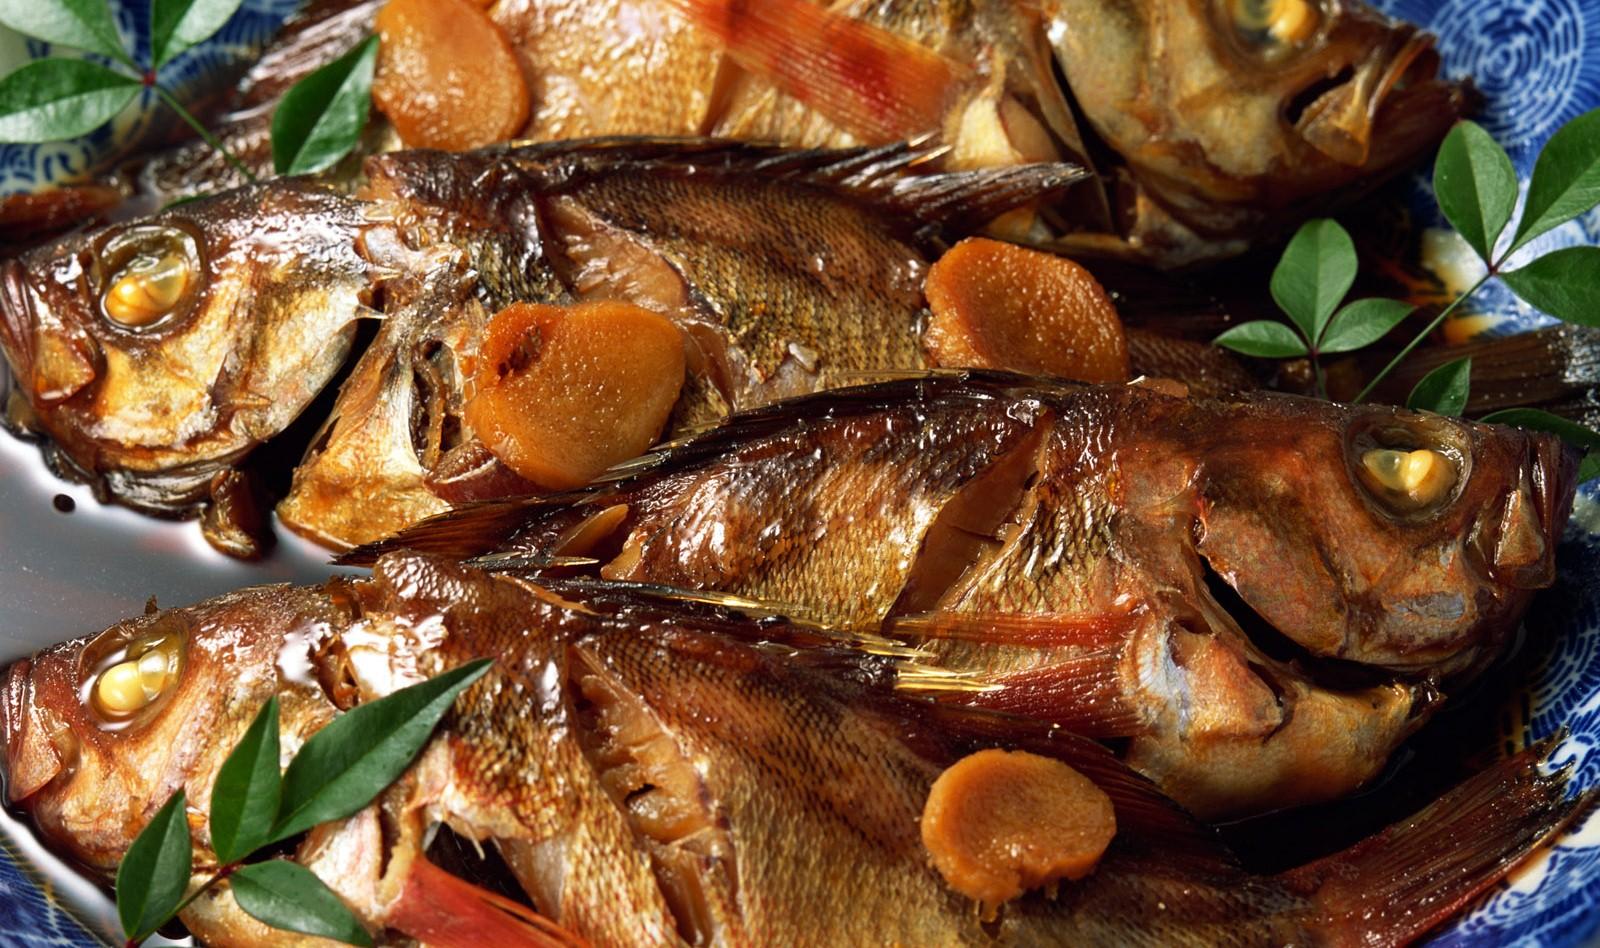 блюда из рыбы речной рецепты с фото простые и вкусные рецепты фото